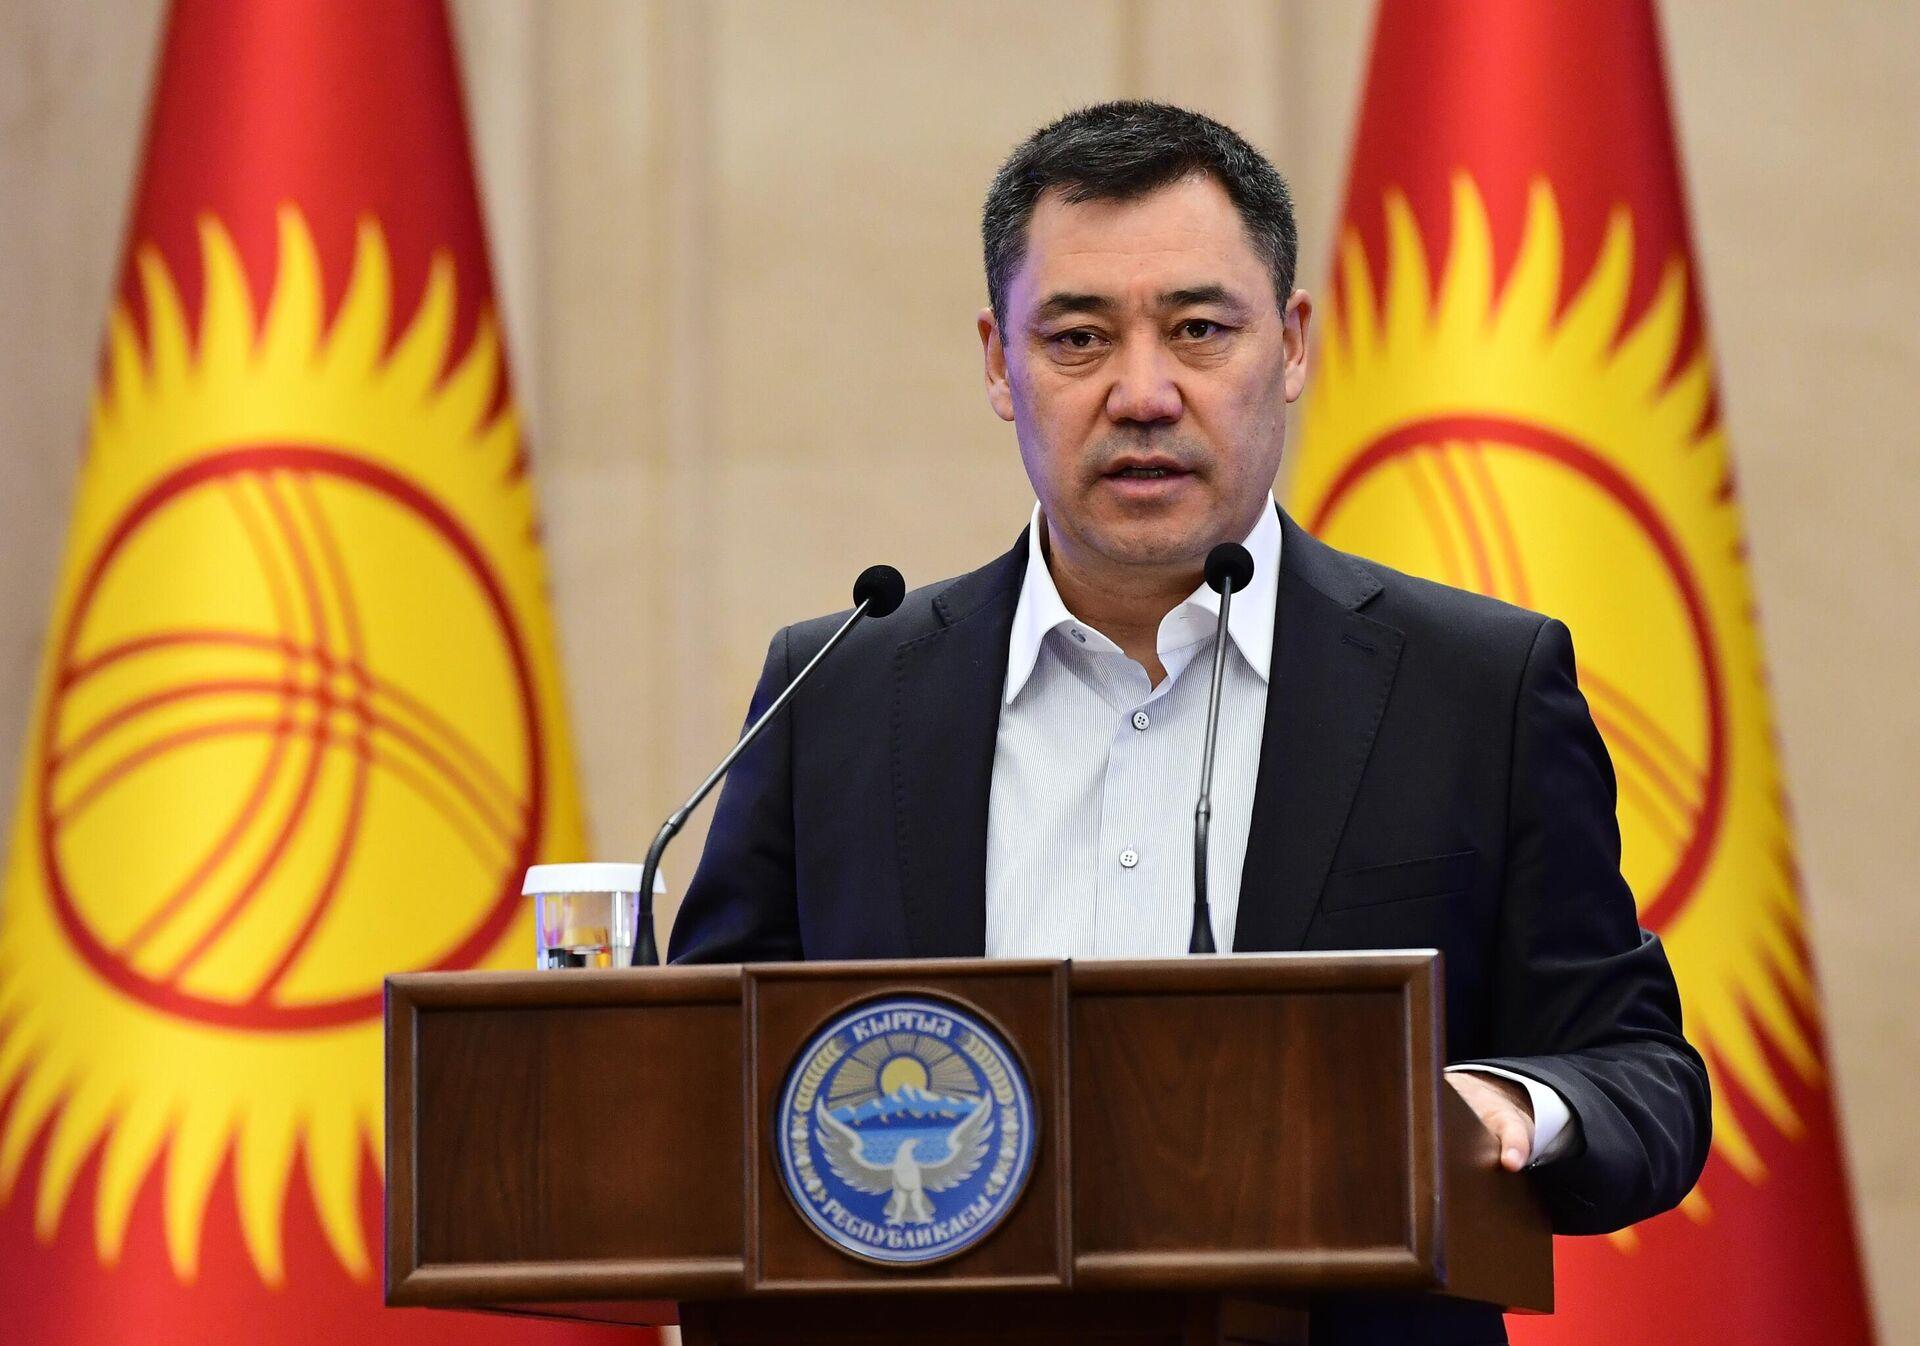 Премьер-министр Киргизии Садыр Жапаров выступает на внеочередном заседании парламента в Бишкеке - РИА Новости, 1920, 20.11.2020